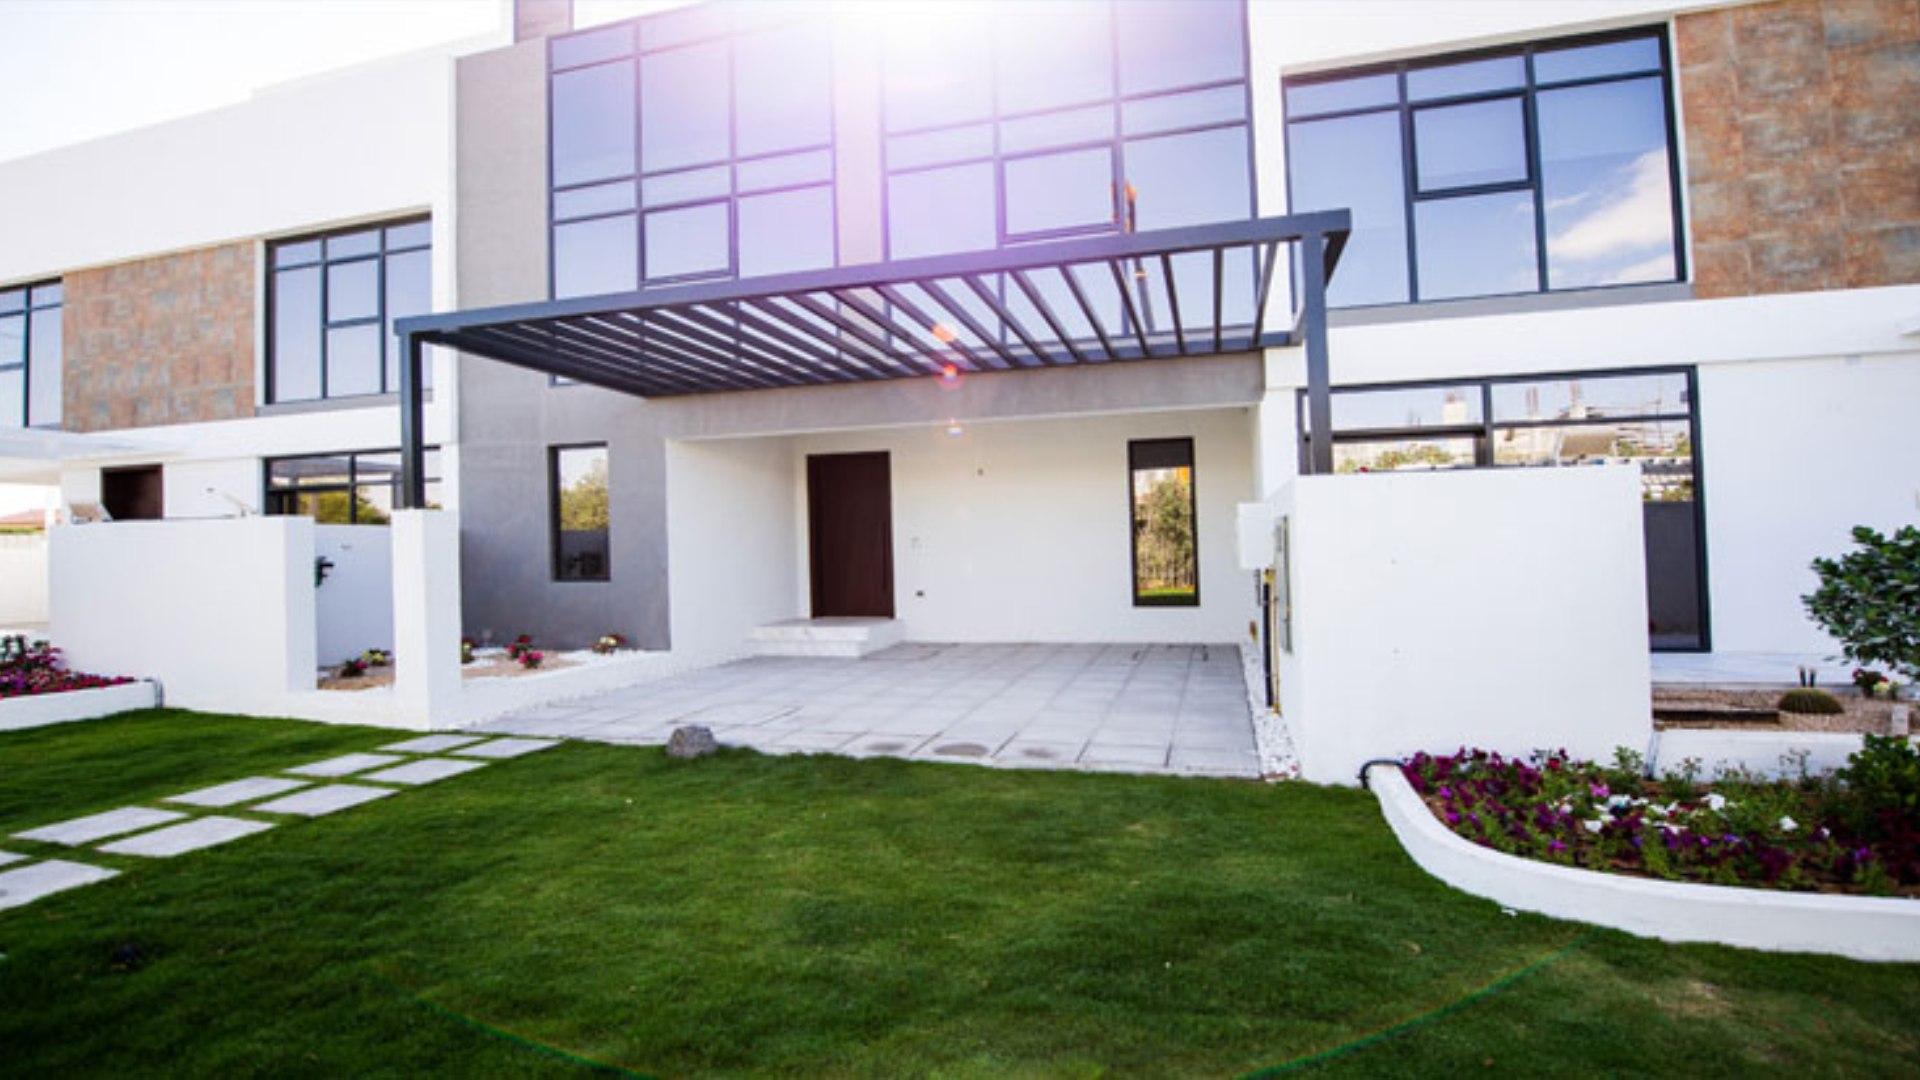 Villa en venta en Dubai, EAU, 3 dormitorios, 187 m2, № 24234 – foto 5